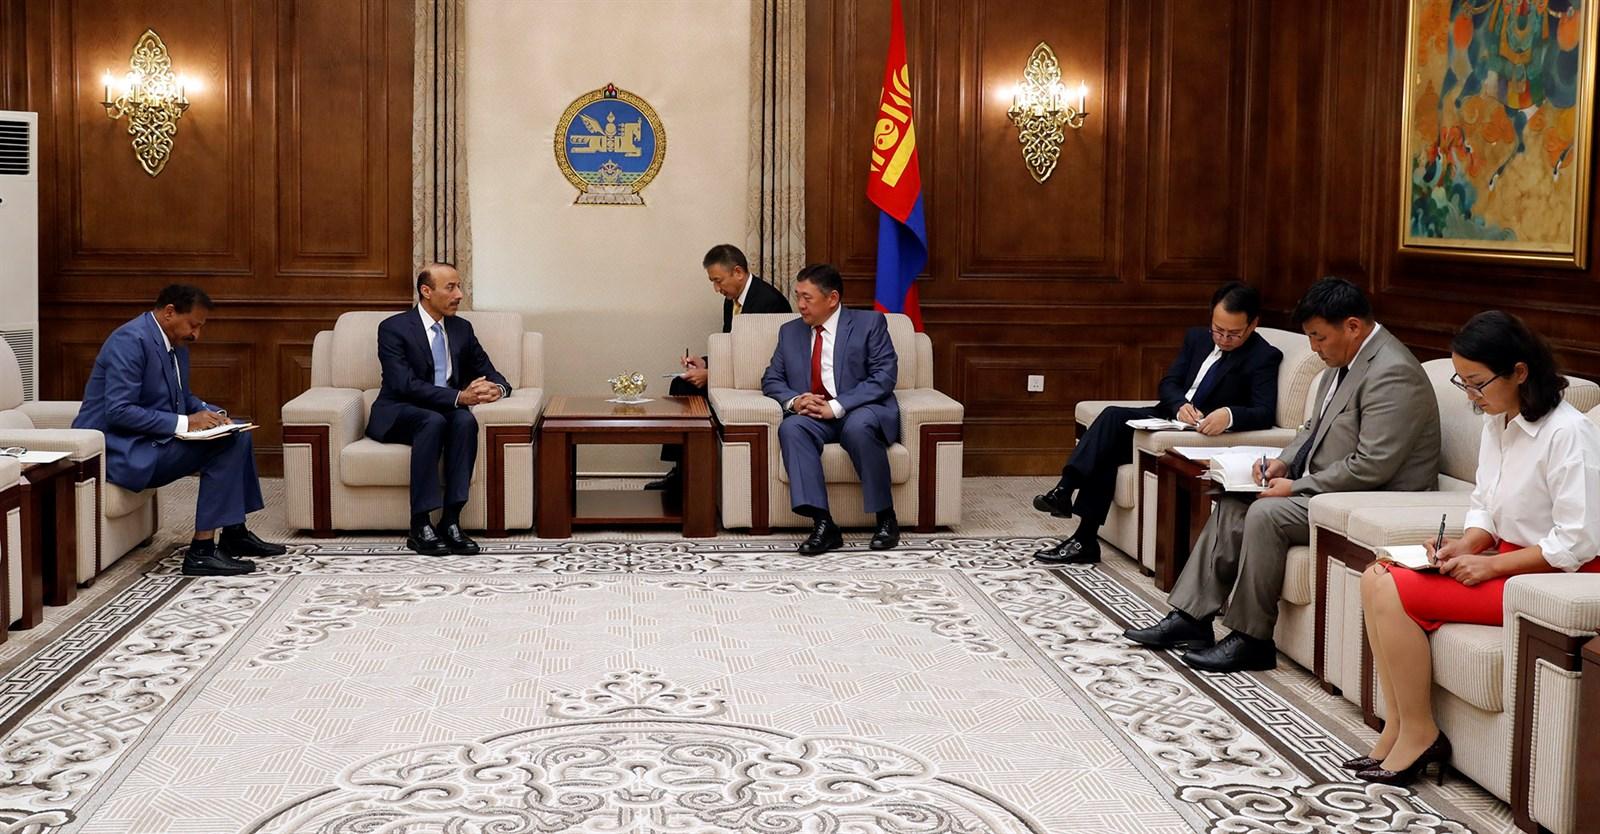 М.Энхболд: Монгол Улс зуучийн үүрэг гүйцэтгэхэд бэлэн байна